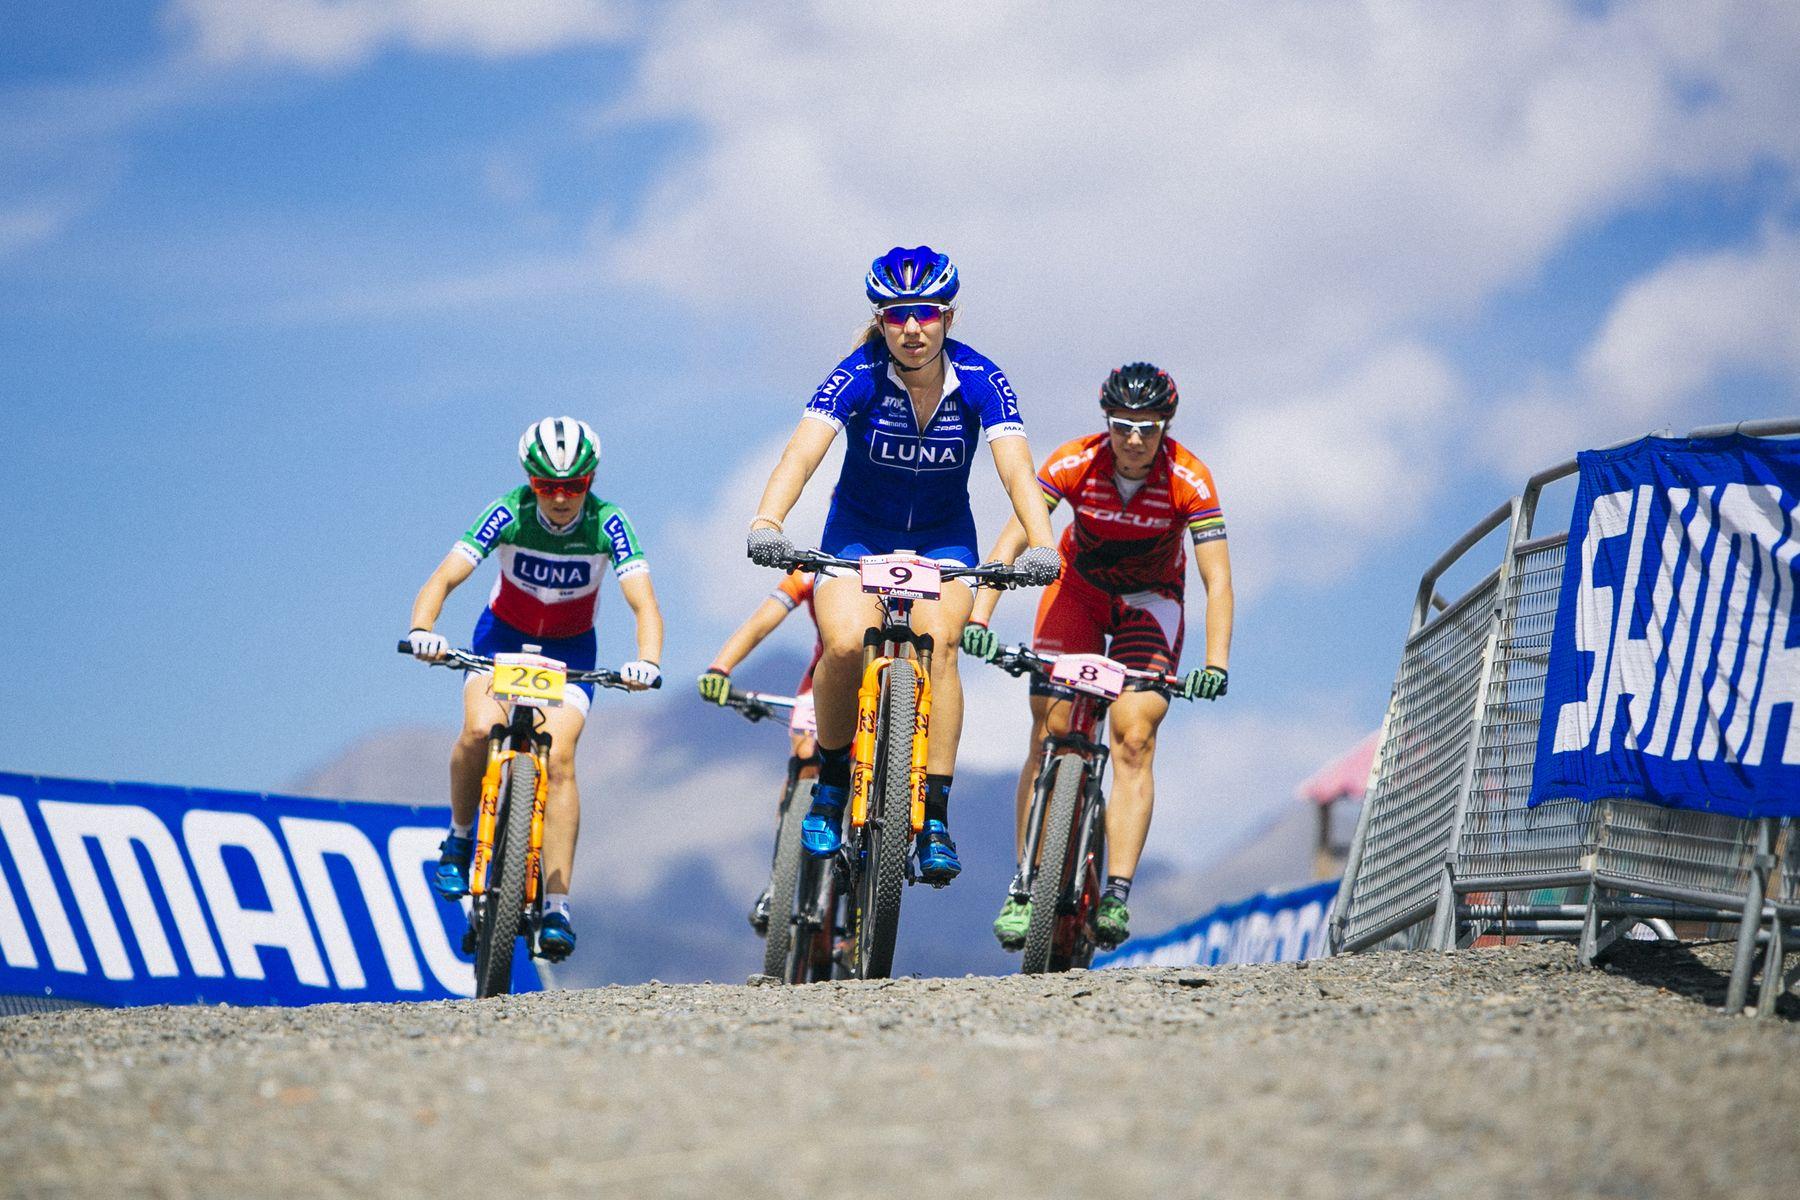 La última prueba del XCO viene marcada por los recientes Juegos Olímpicos.